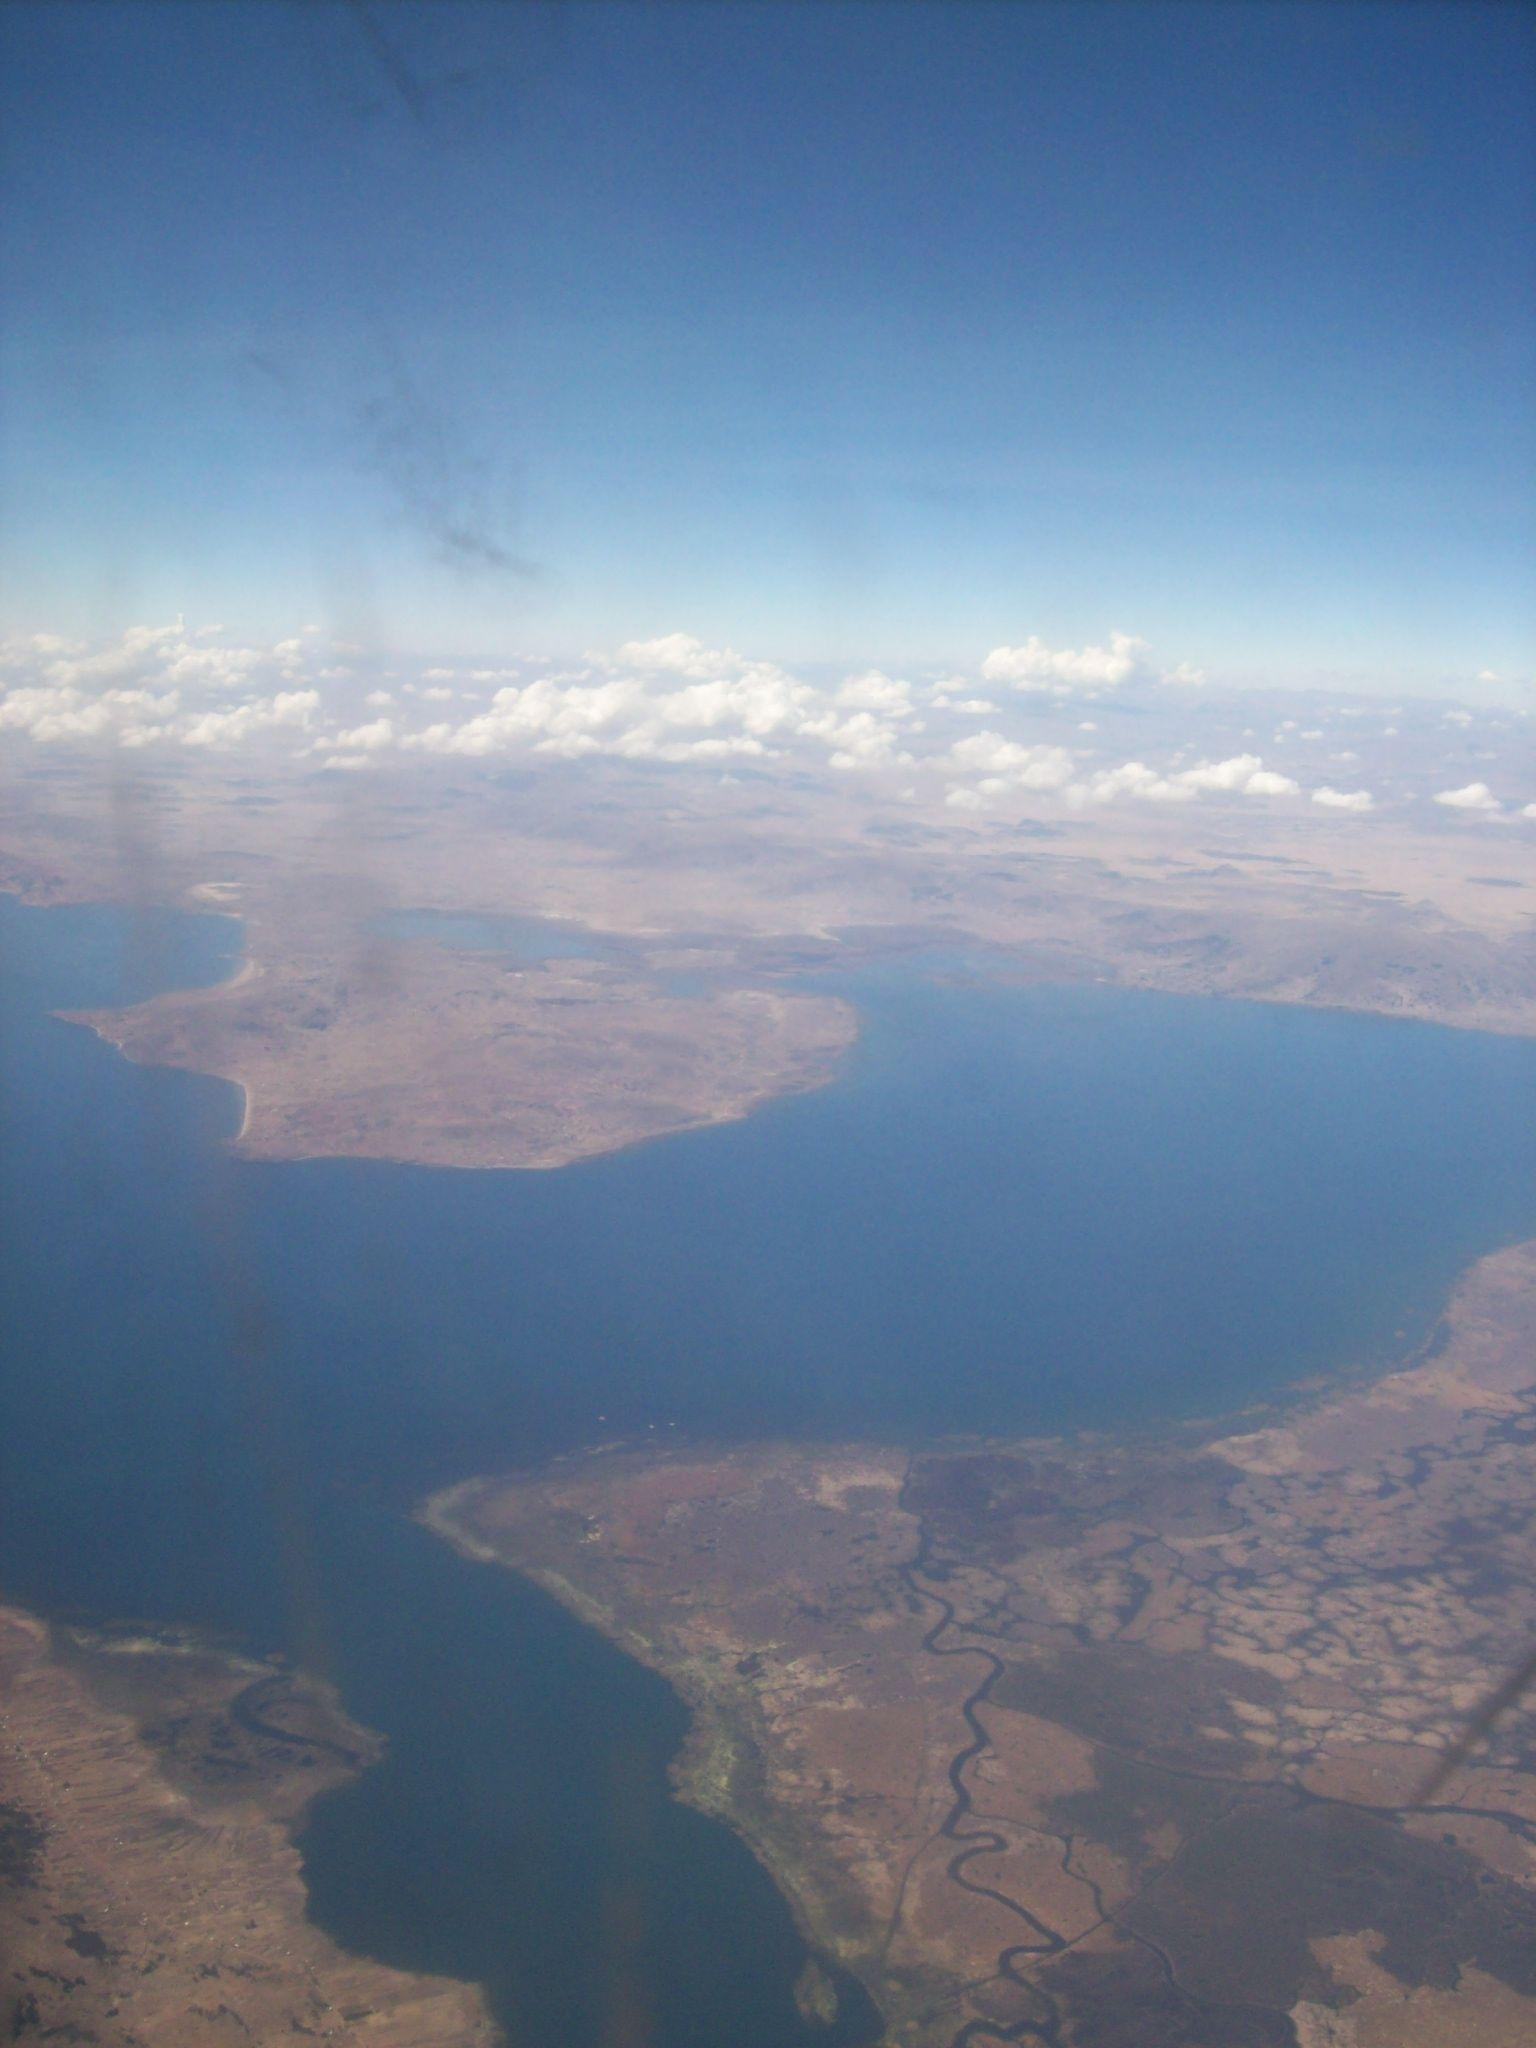 El lago mas alto del mundo